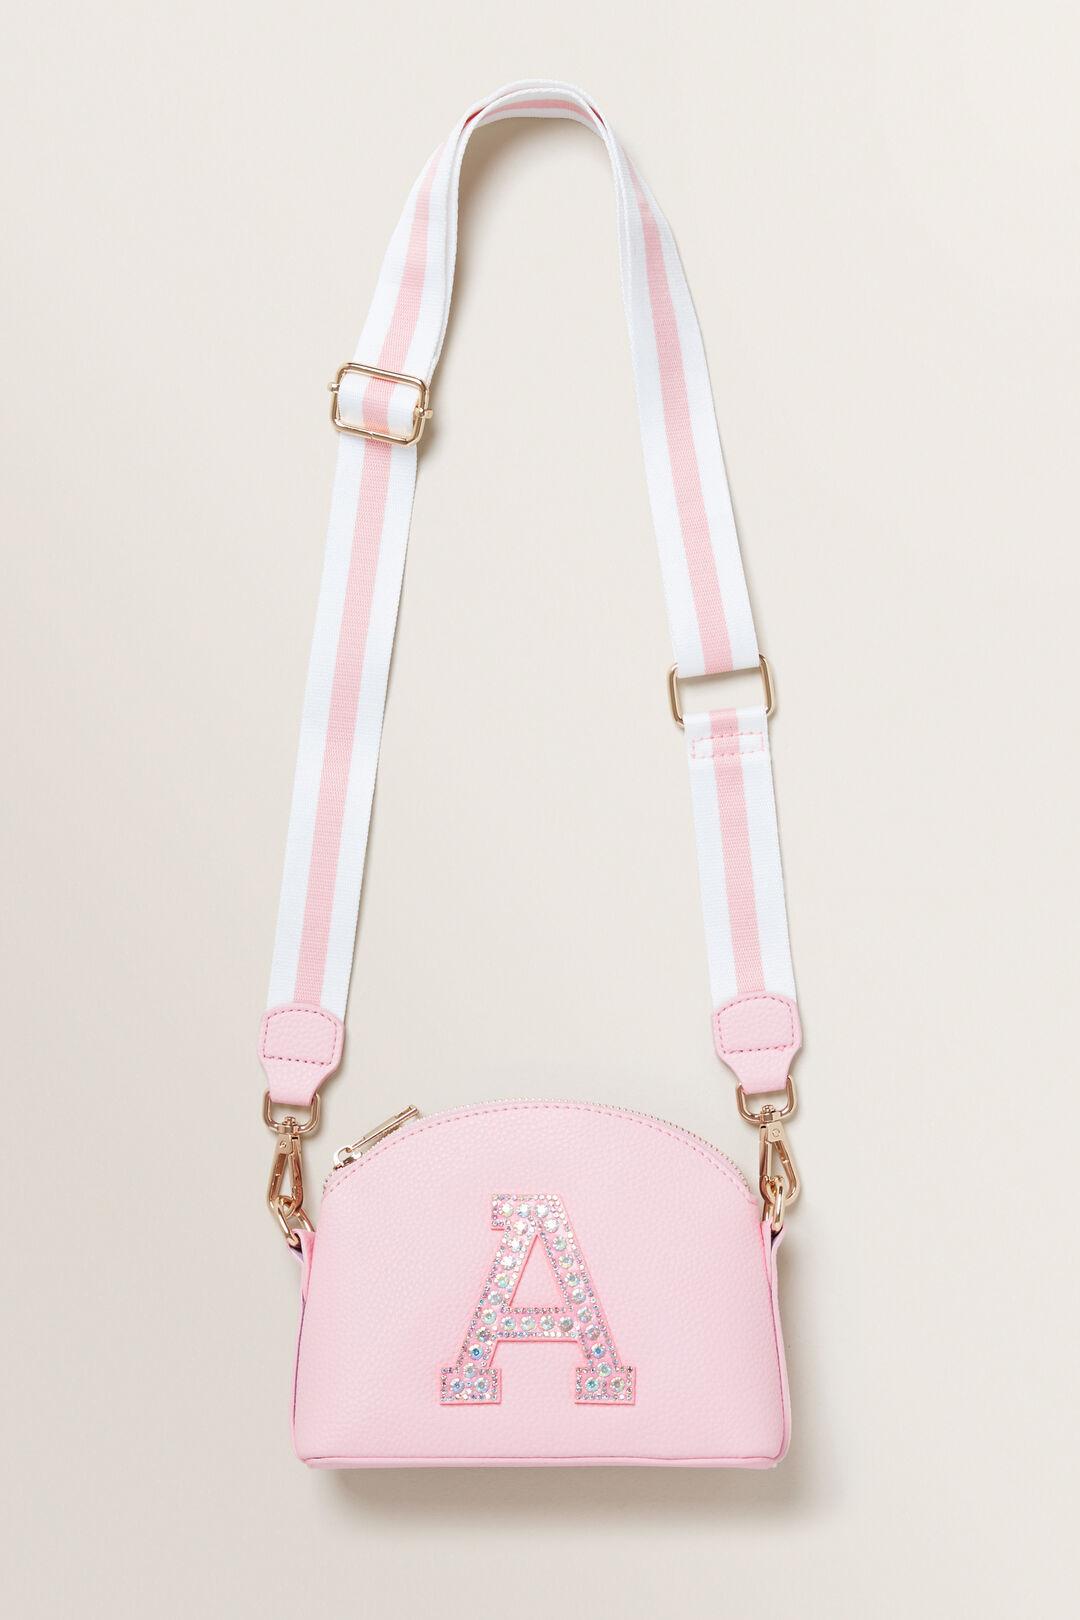 Initial Jewel Bag  A  hi-res